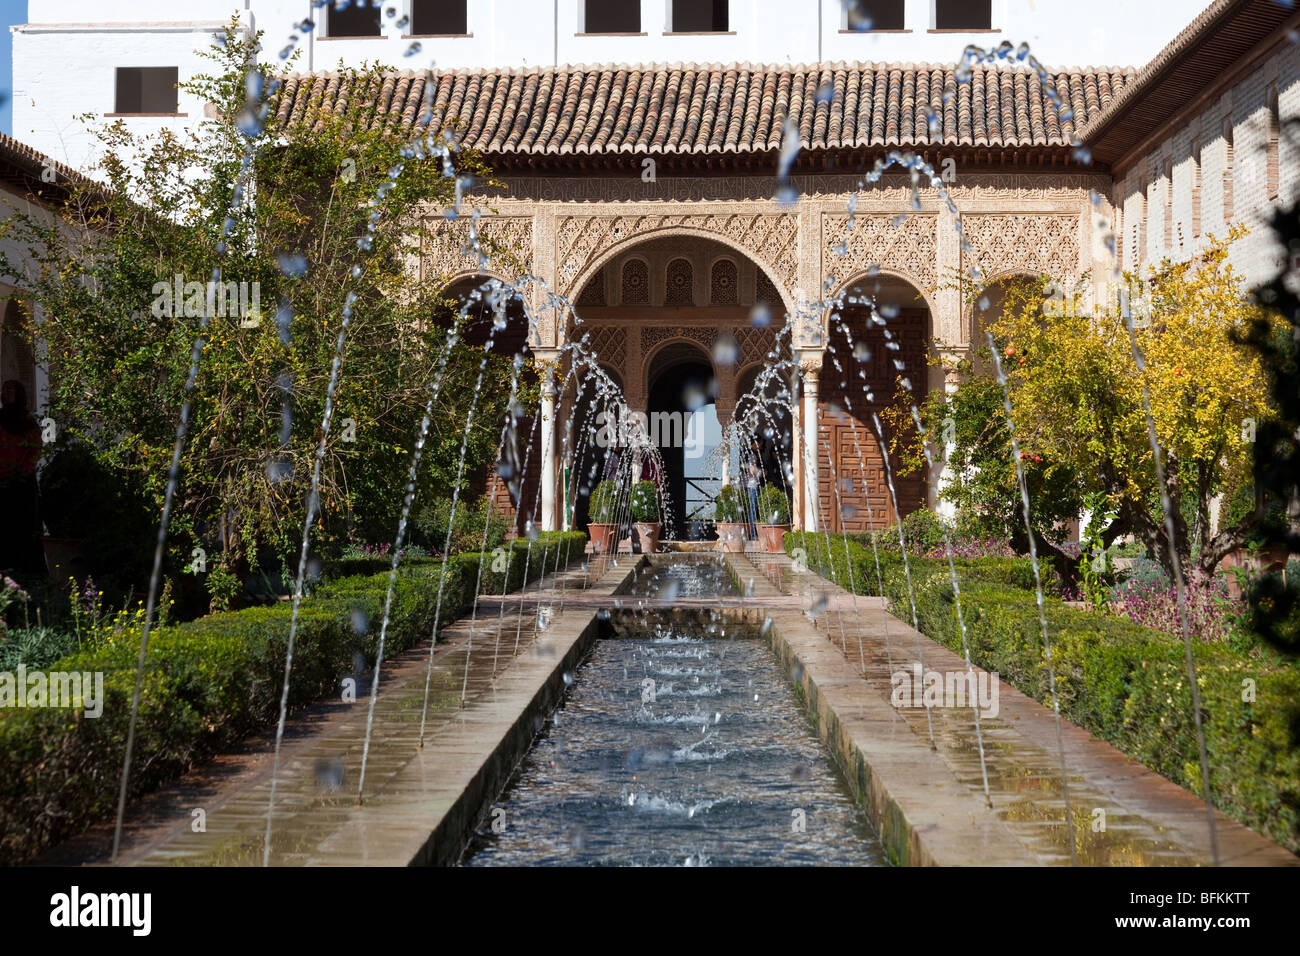 Patio de la acequia watercourses generalife gardens and for Generalife gardens